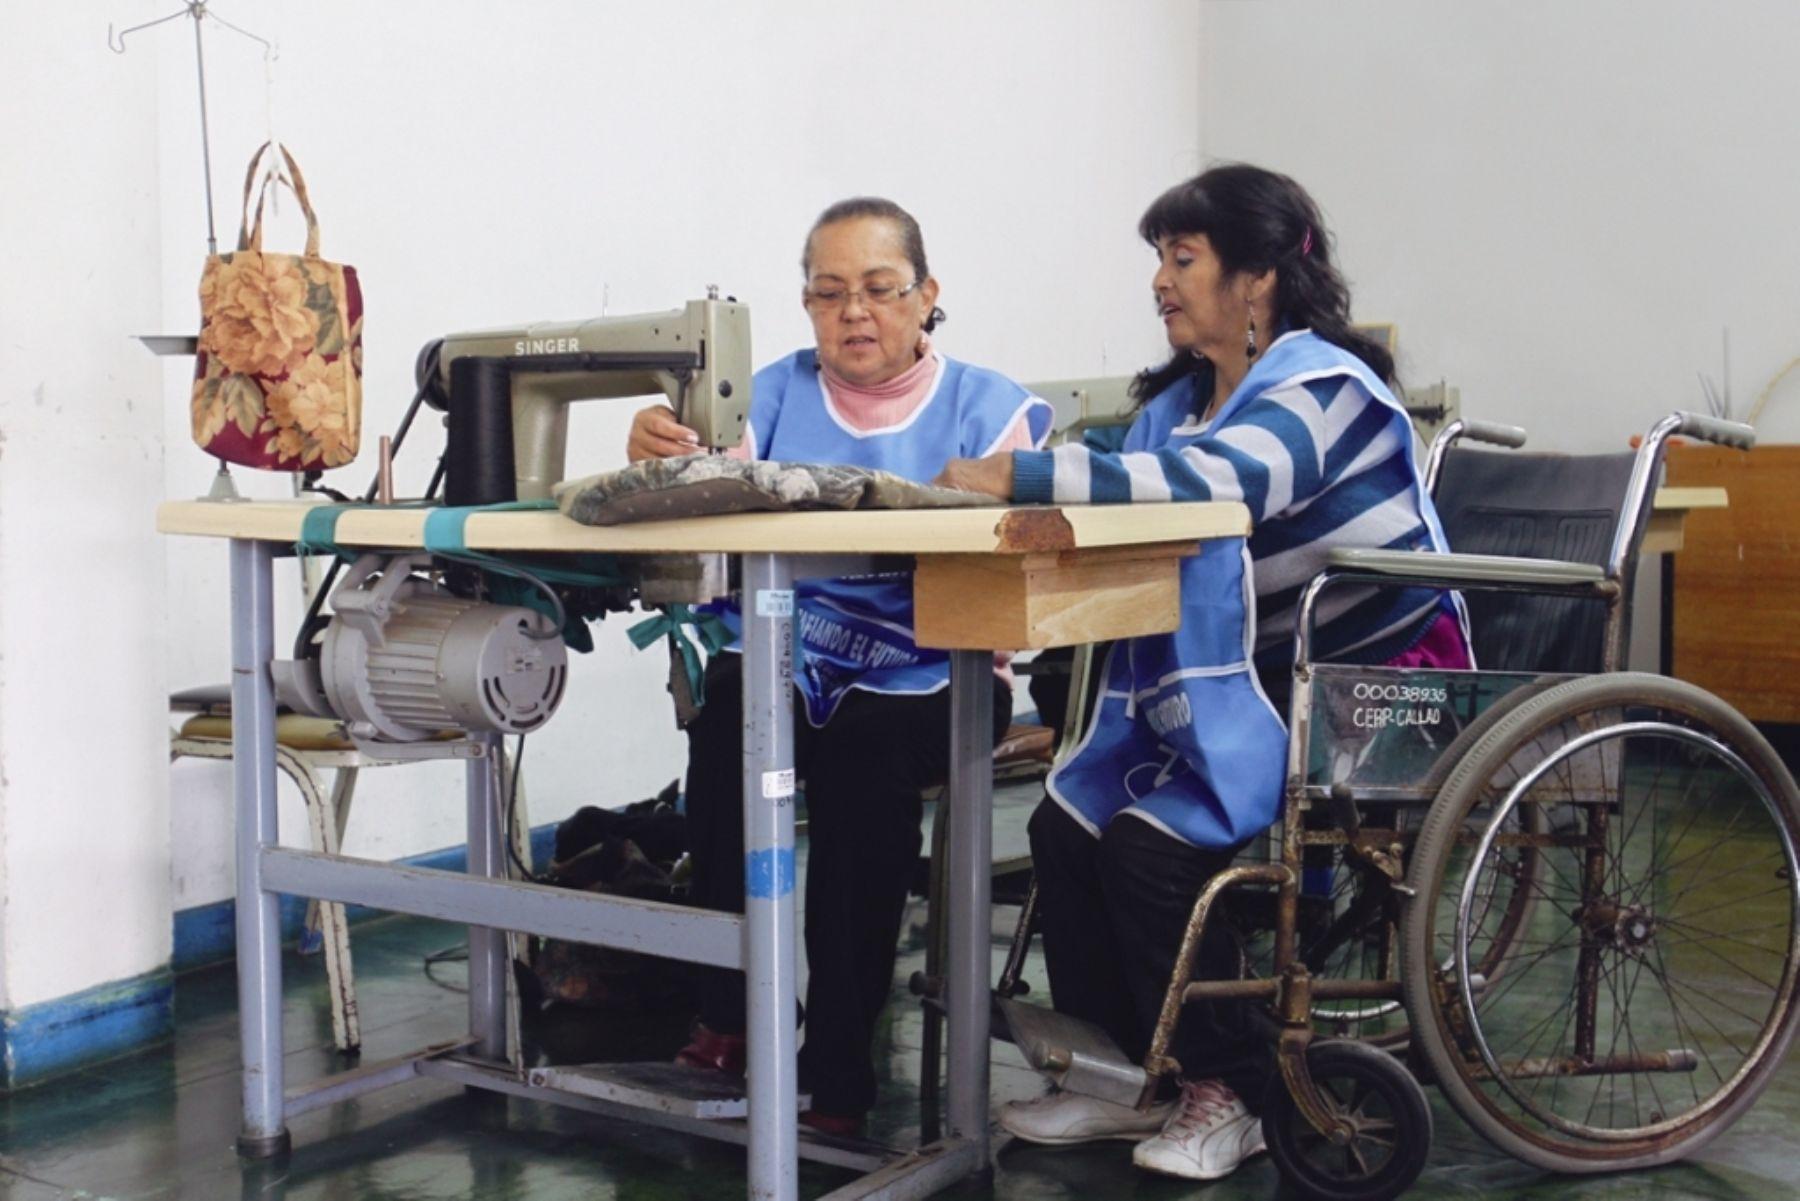 Secretaría del Trabajo evalúa certificado único para inclusión laboral